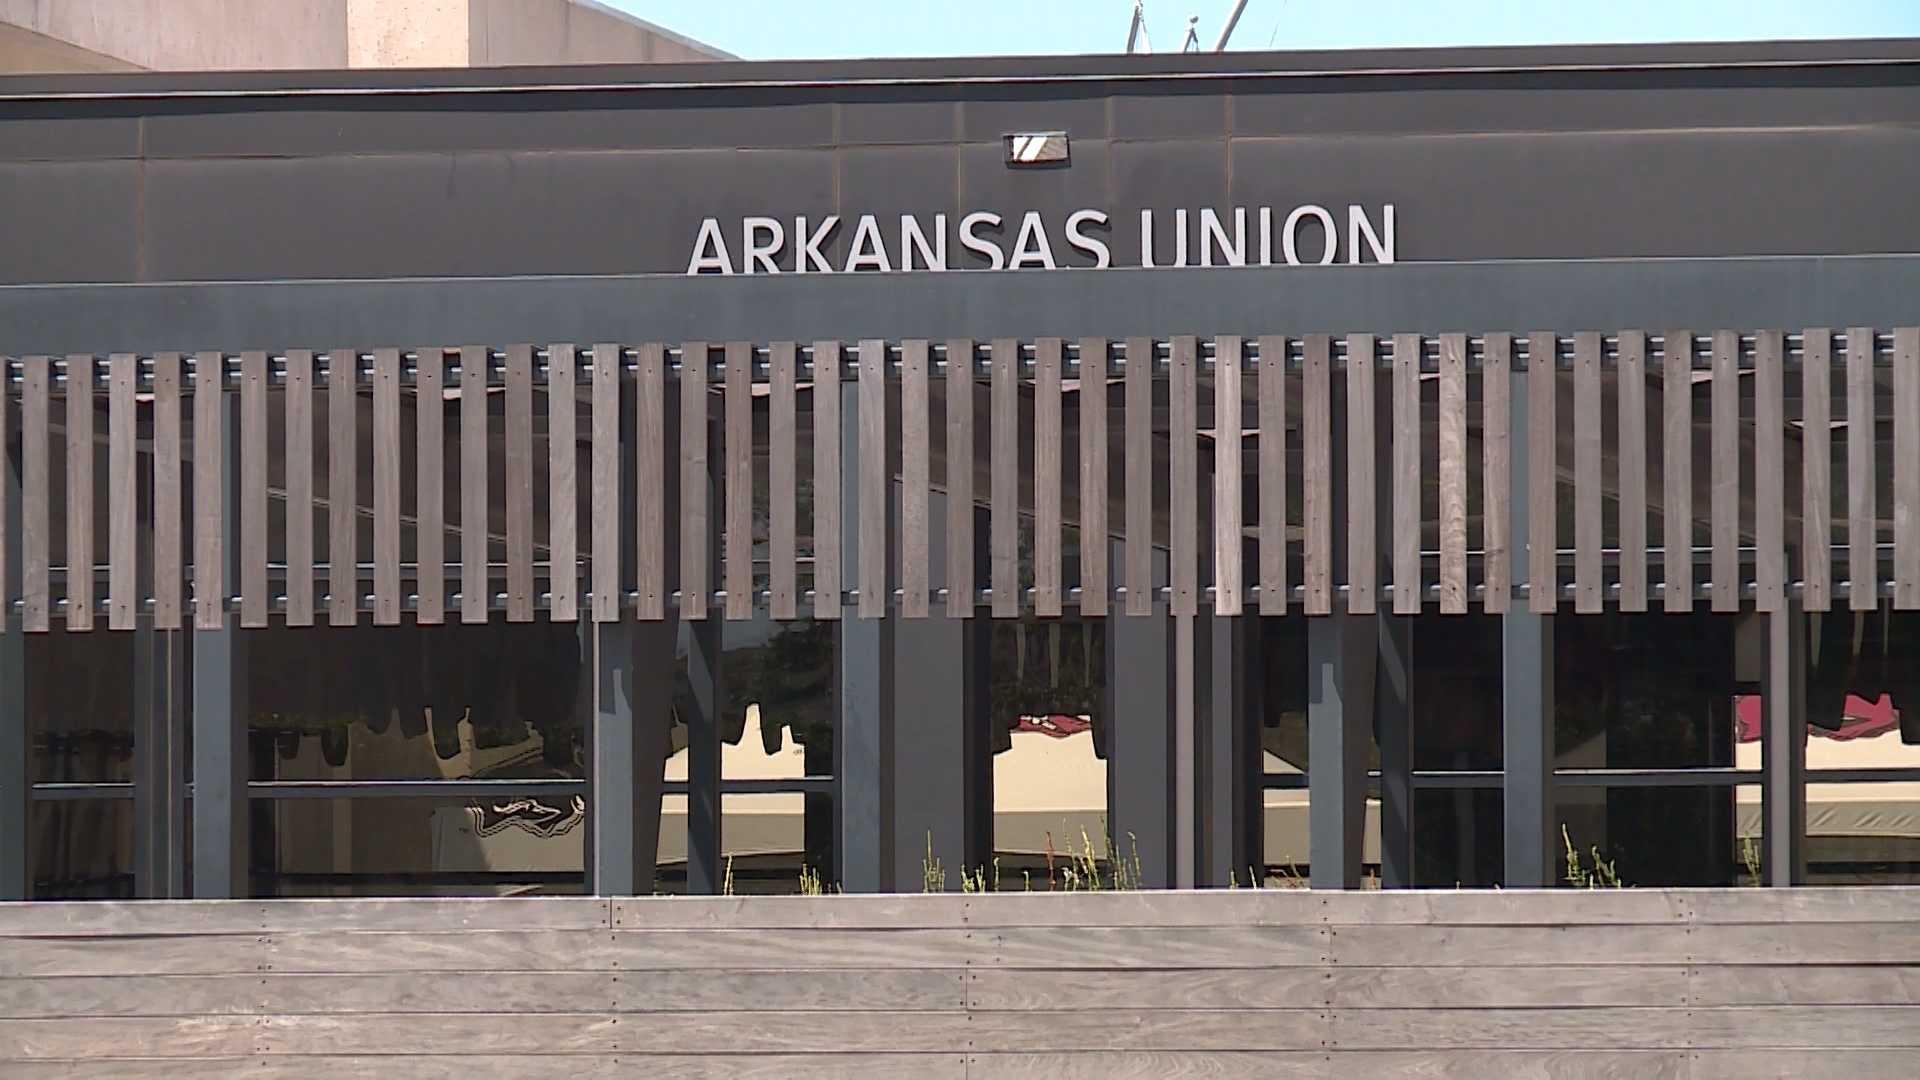 University of Arkansas Student Union